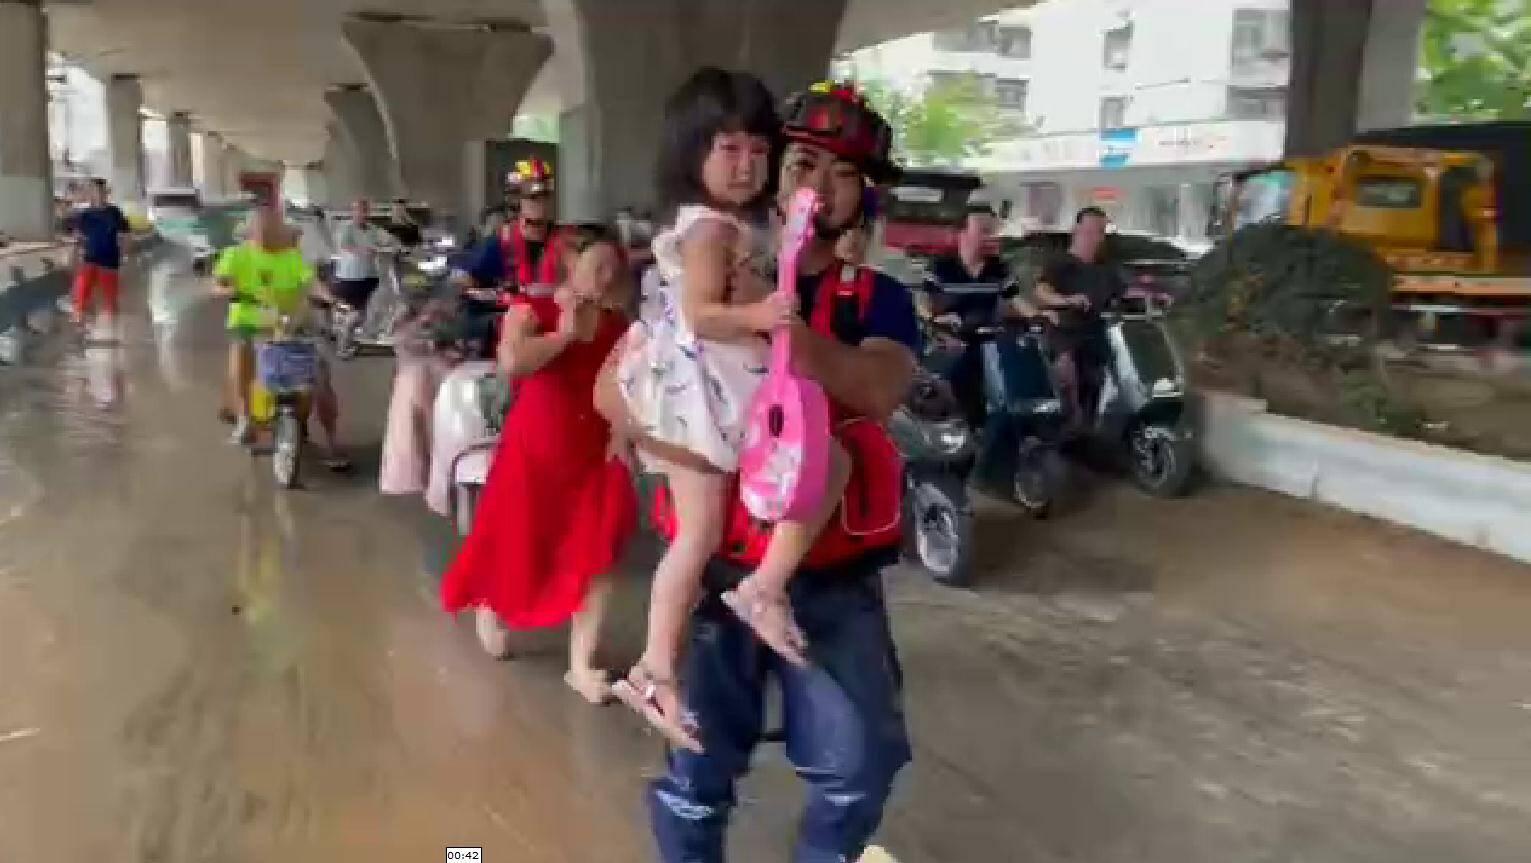 """""""有消防员叔叔在不要怕!""""母女两人骑车摔倒 消防员一把将小女孩抱起送至安全地点"""